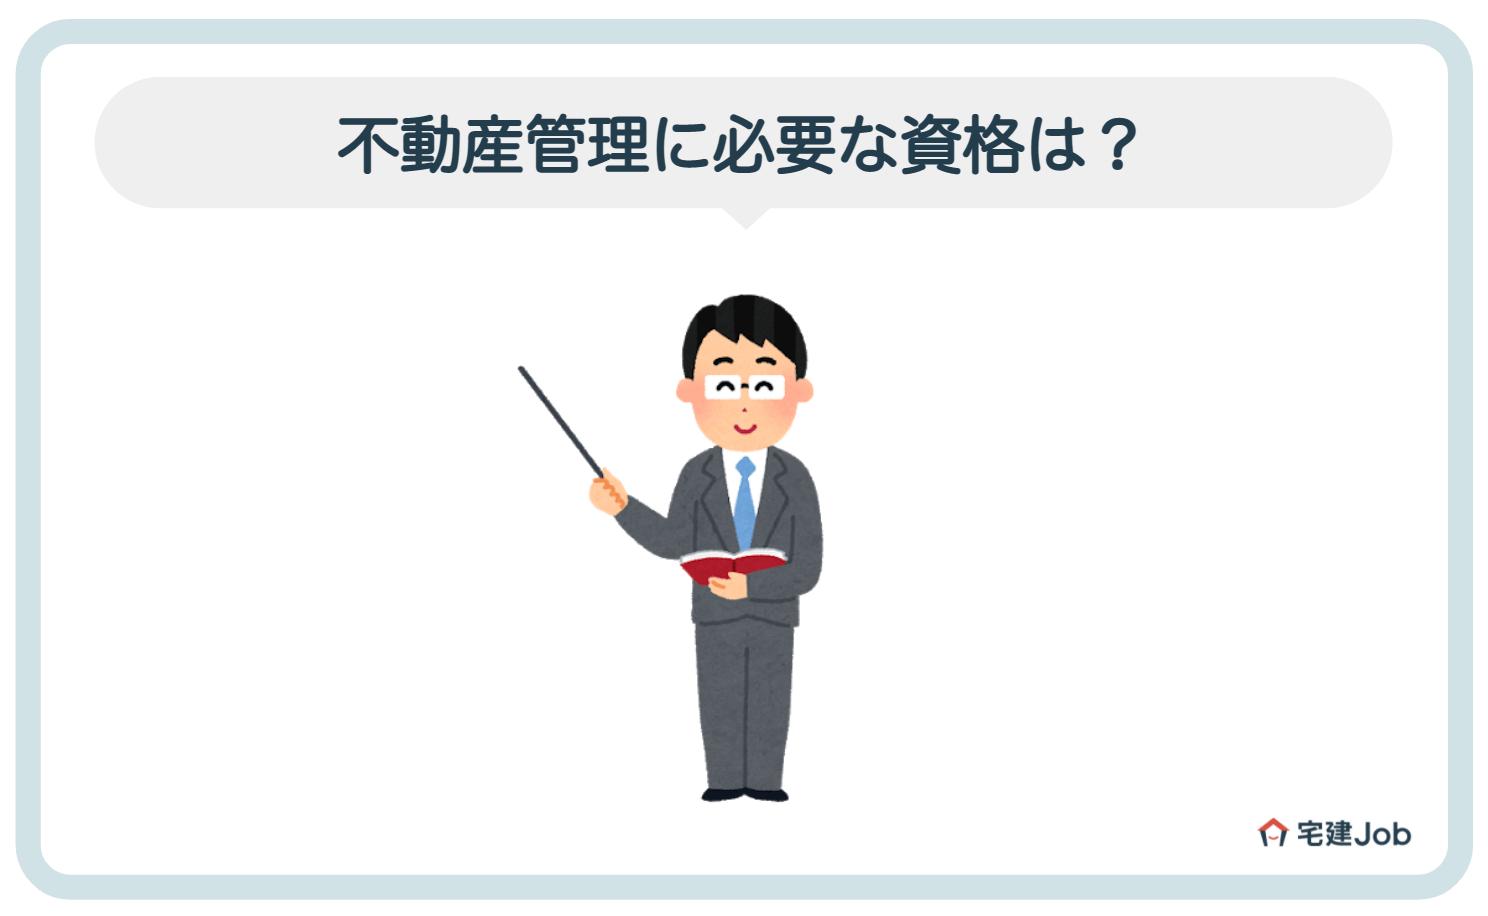 2.不動産管理に必要な資格【難易度高くきつい?】